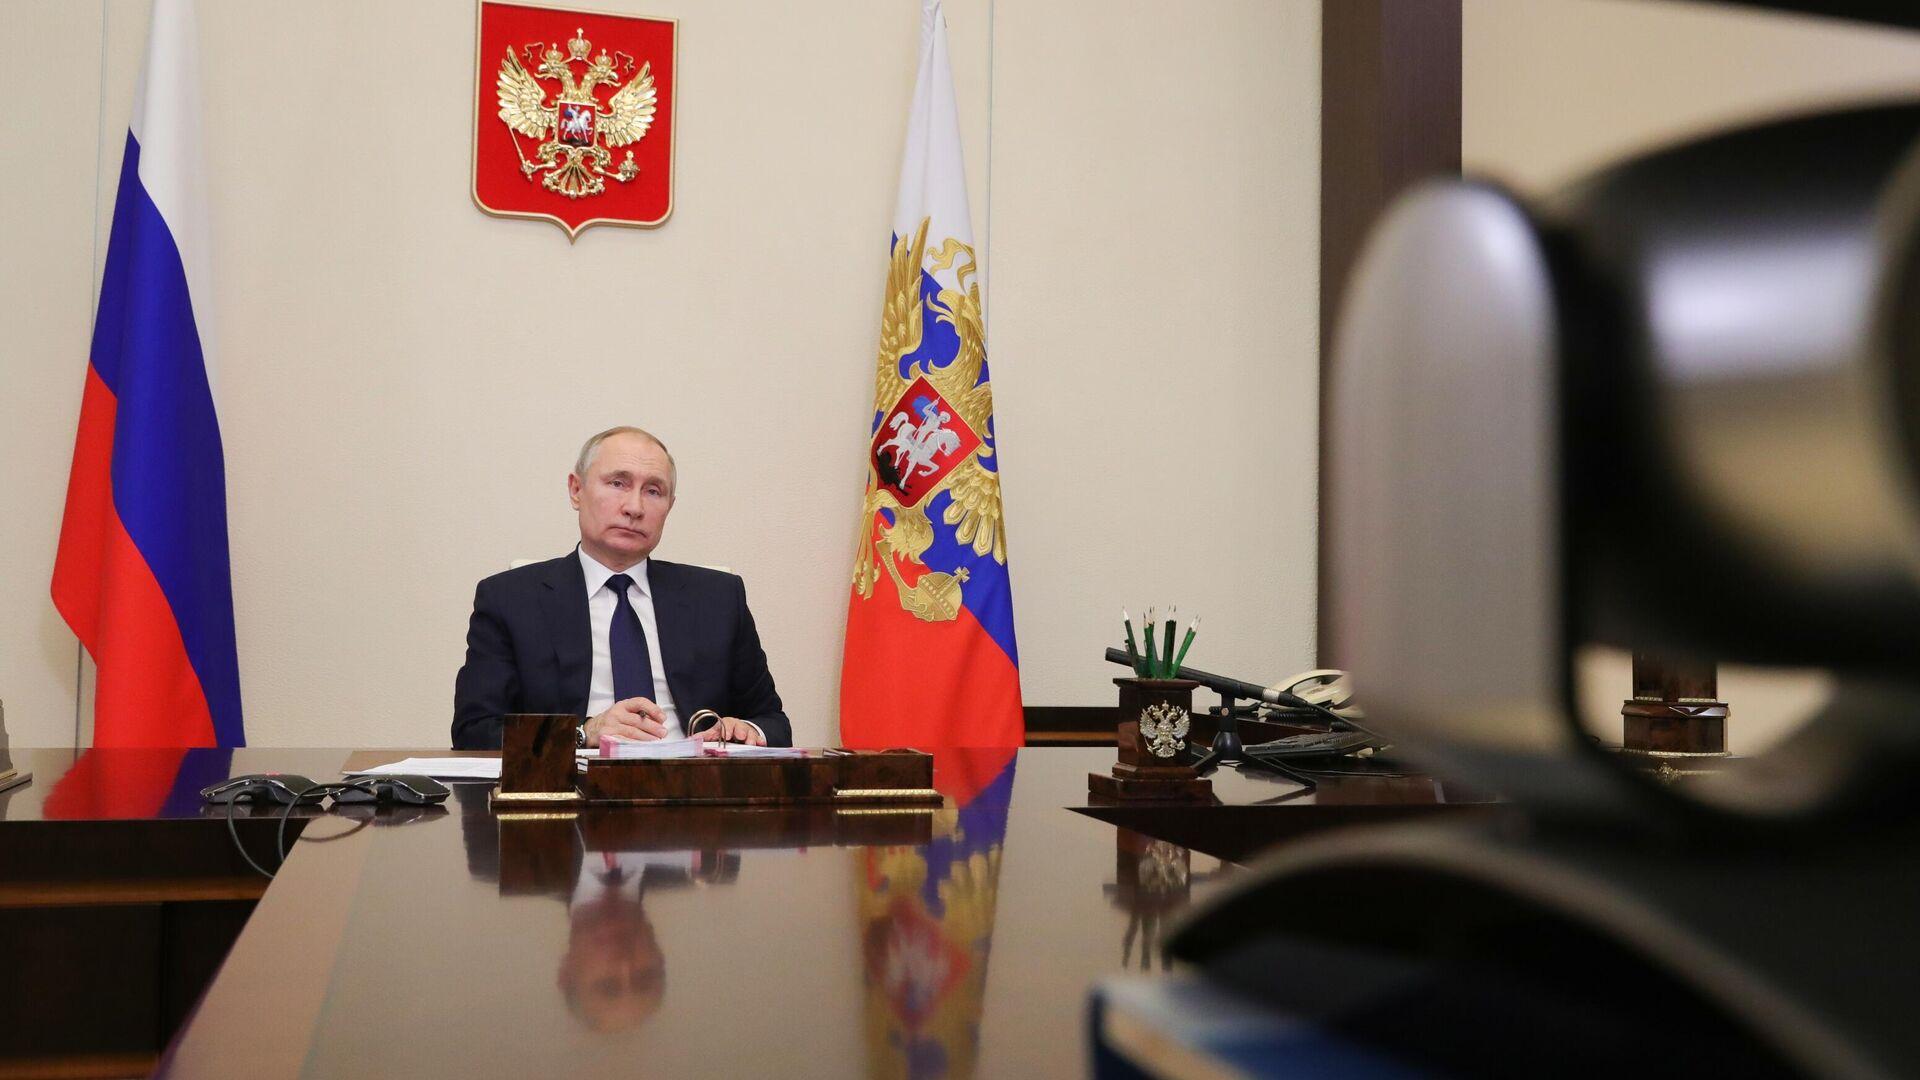 Путин назвал работу иностранных IT-компаний вызовом для России